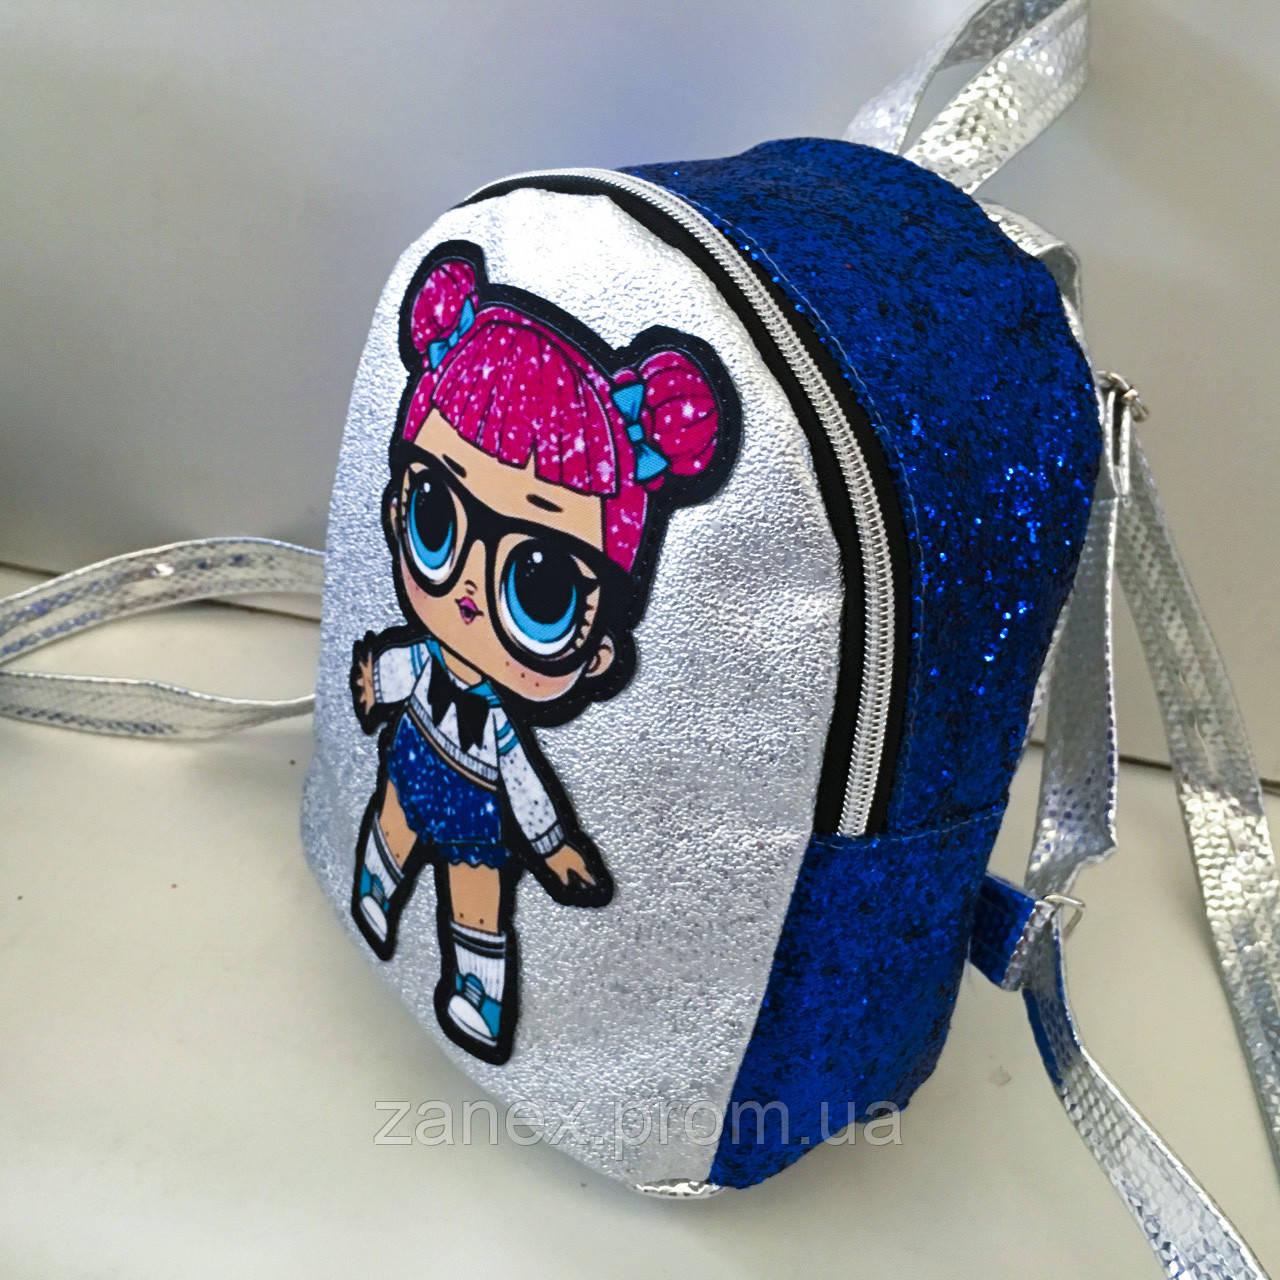 Женский синий + серебристый рюкзак Zanex из эко-кожи с куклой LOL Sisters 20 х 21 см